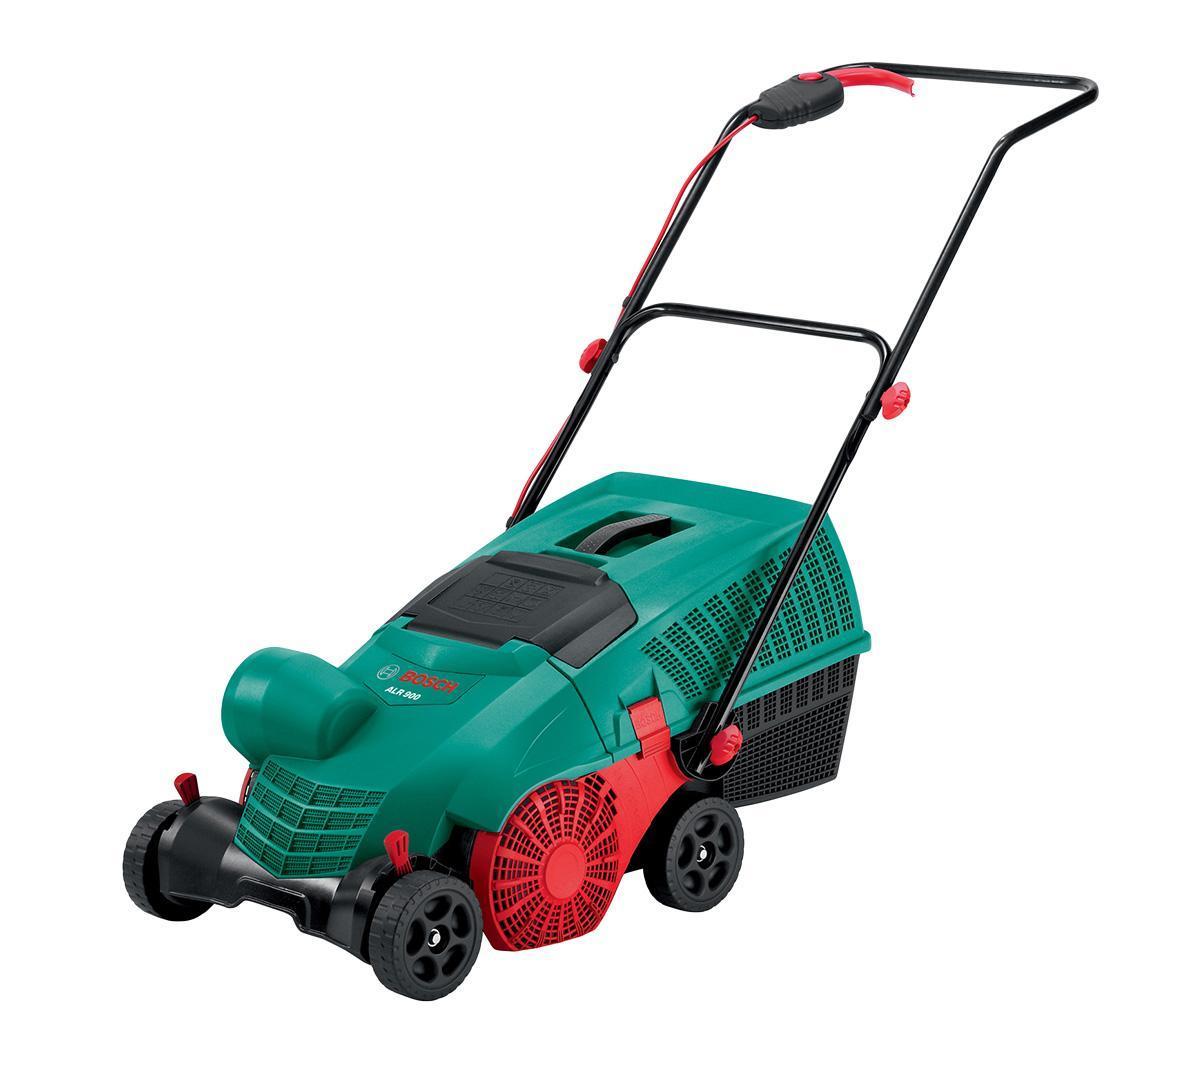 Скарификатор Bosch ALR 900 Raker 060088A00004066-20.000.00Скарификатор Bosch ALR 900 Raker служит для разрезания почвы с целью усиления притока воздуха в нее, а также очищения от листвы и мха.